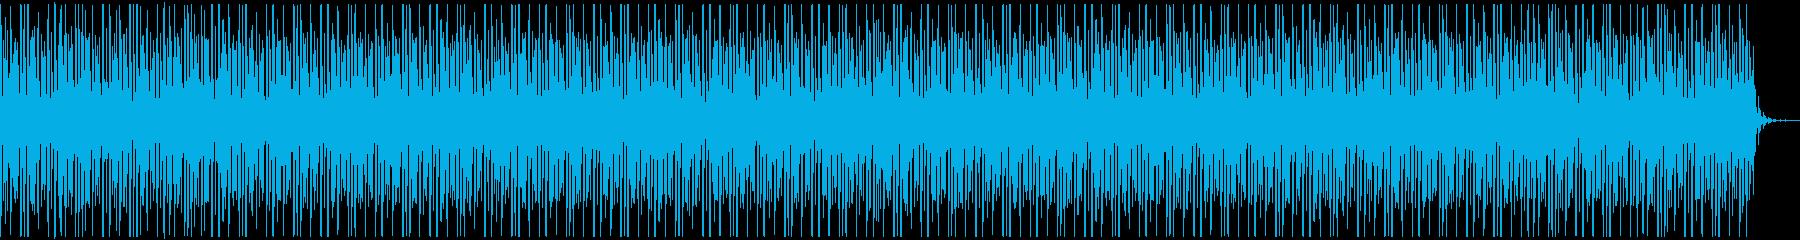 [ニュース報道]無機質:フラット:09の再生済みの波形